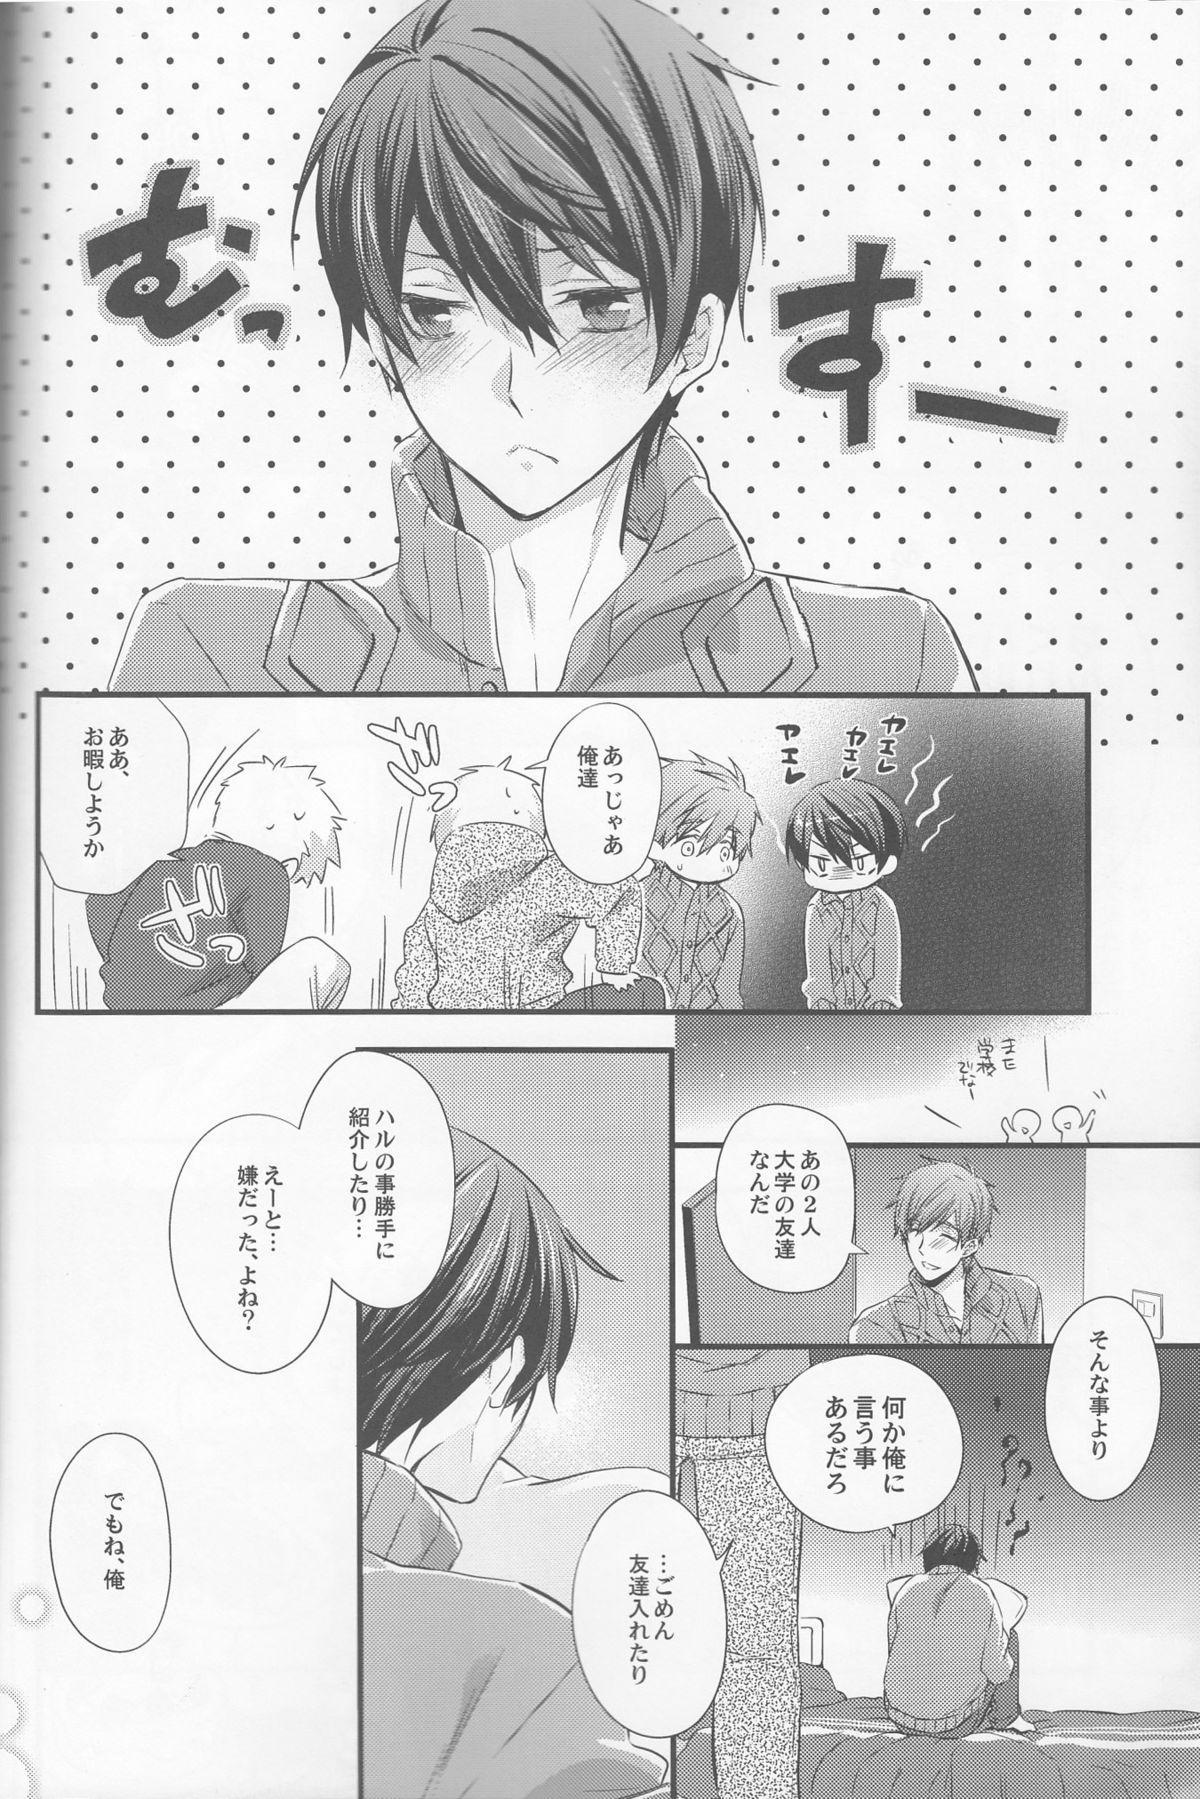 Hajimemashite Yome desu. 7